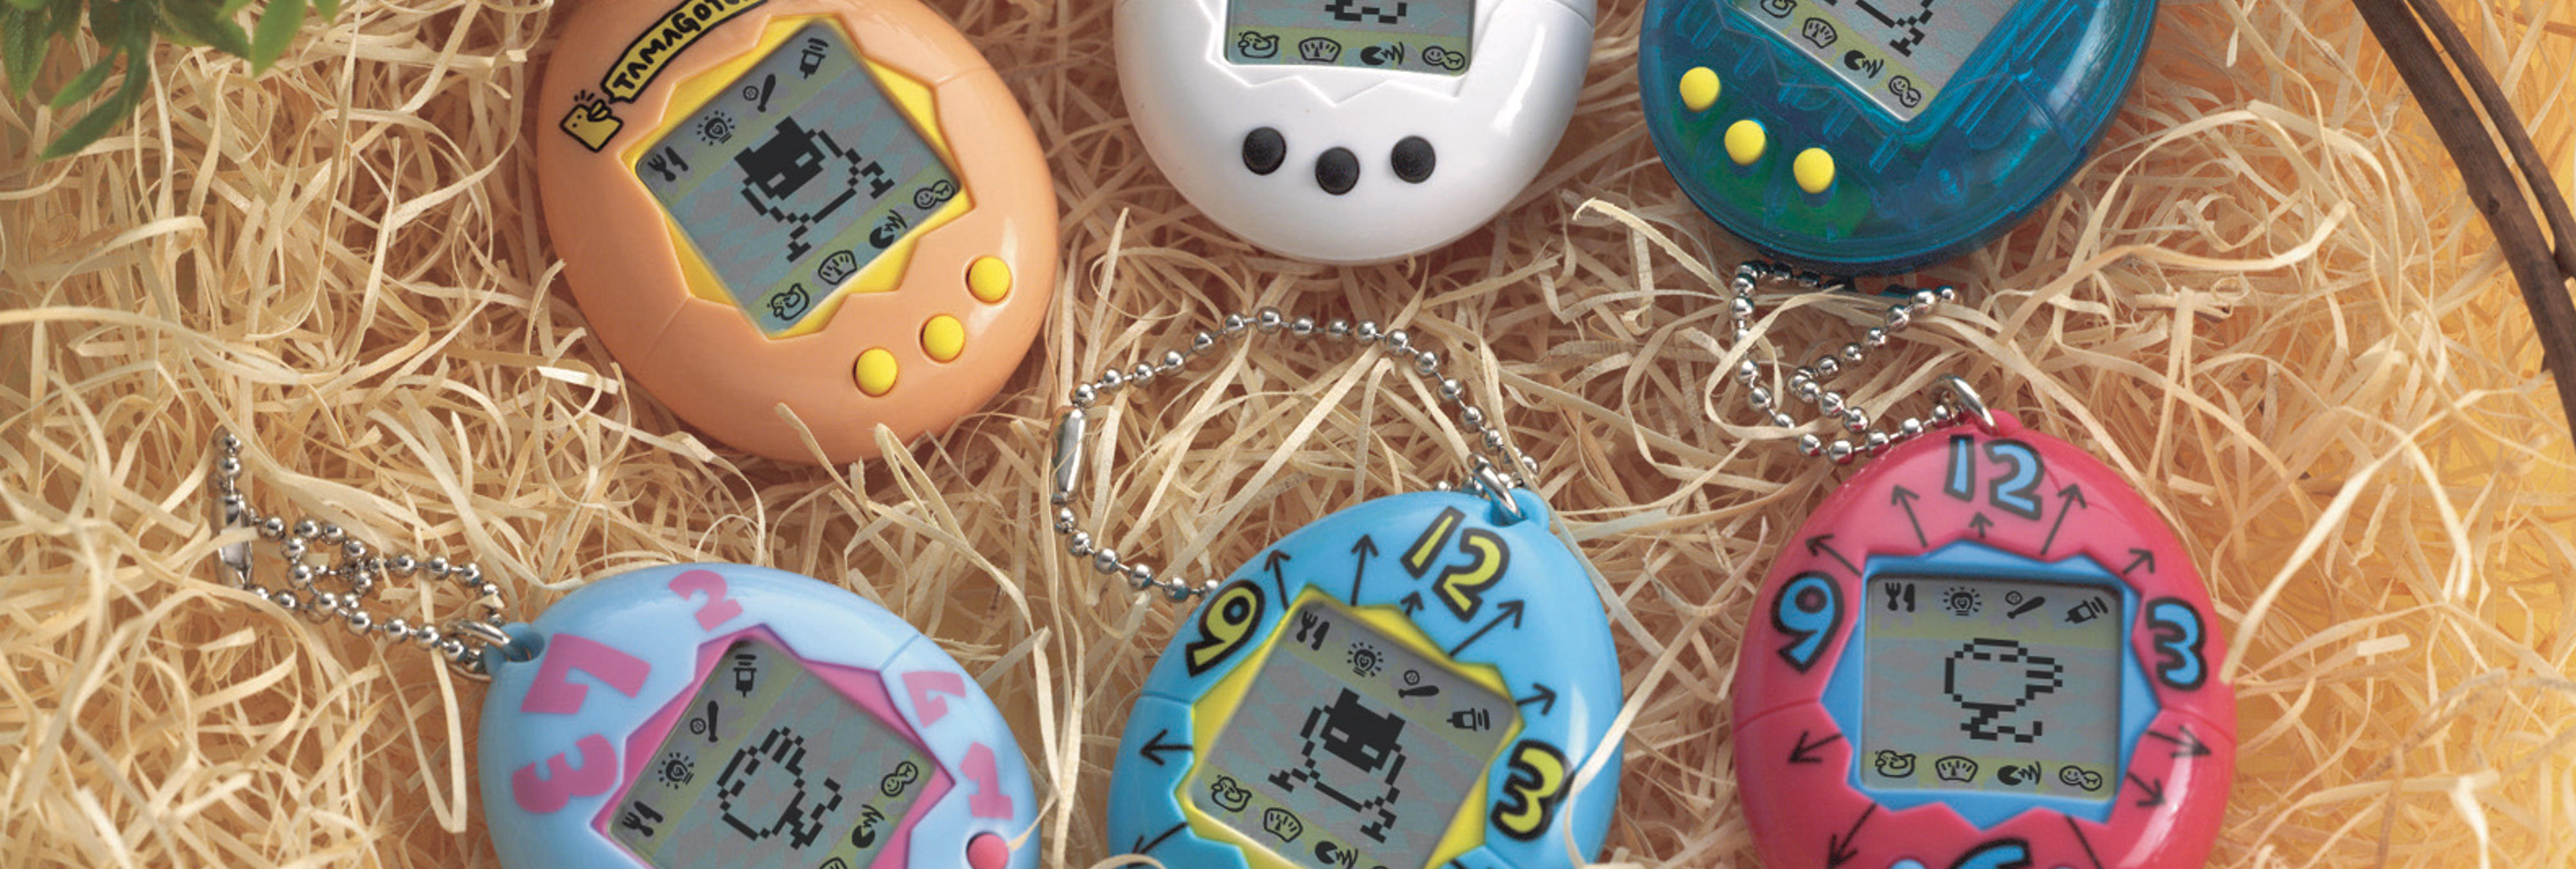 Los Tamagotchi vuelven al mercado en su versión original de 1996